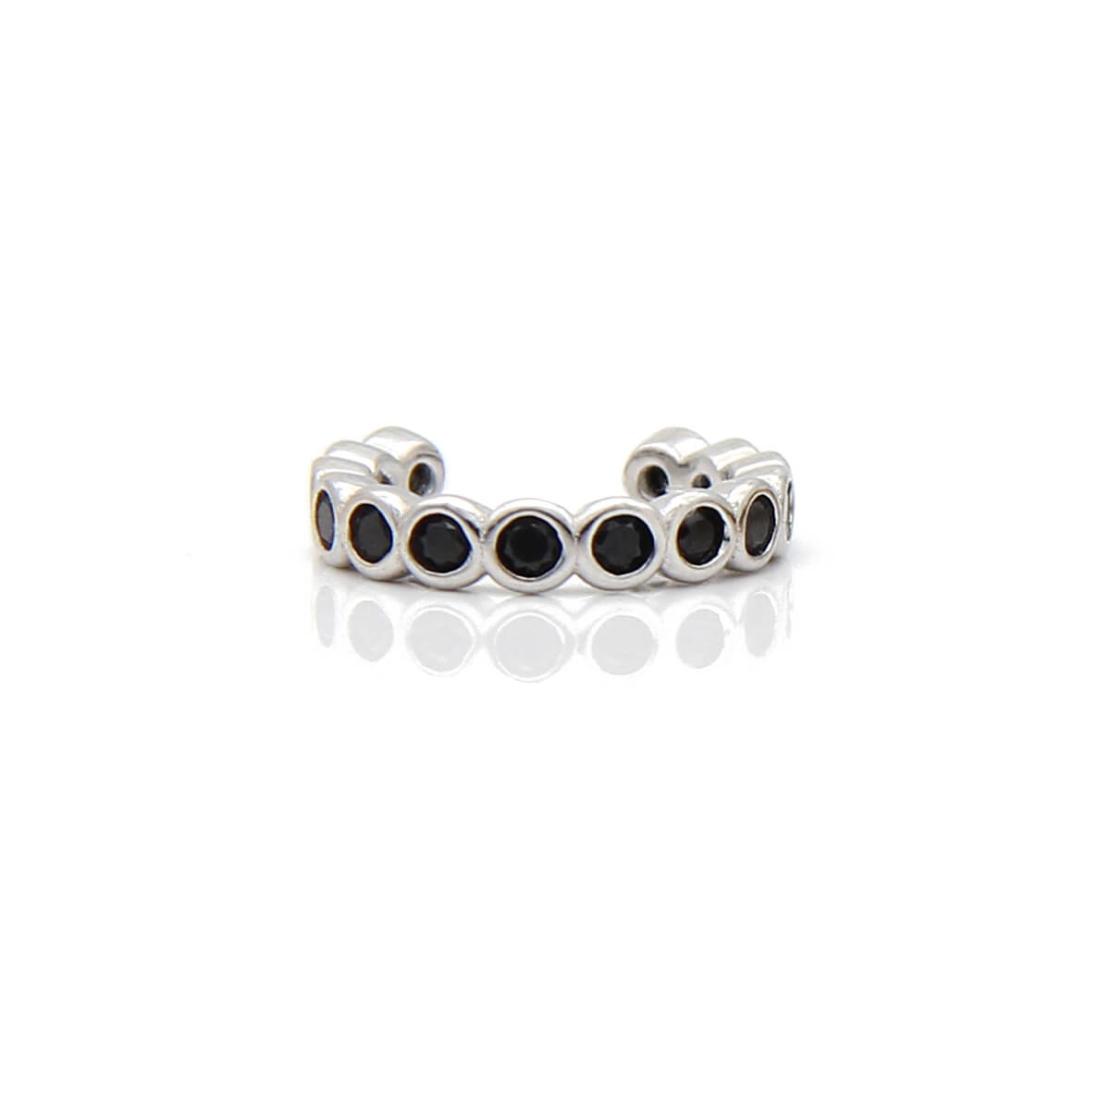 עגיל חבק עיגולים זירקונים שחורים - כסף 925